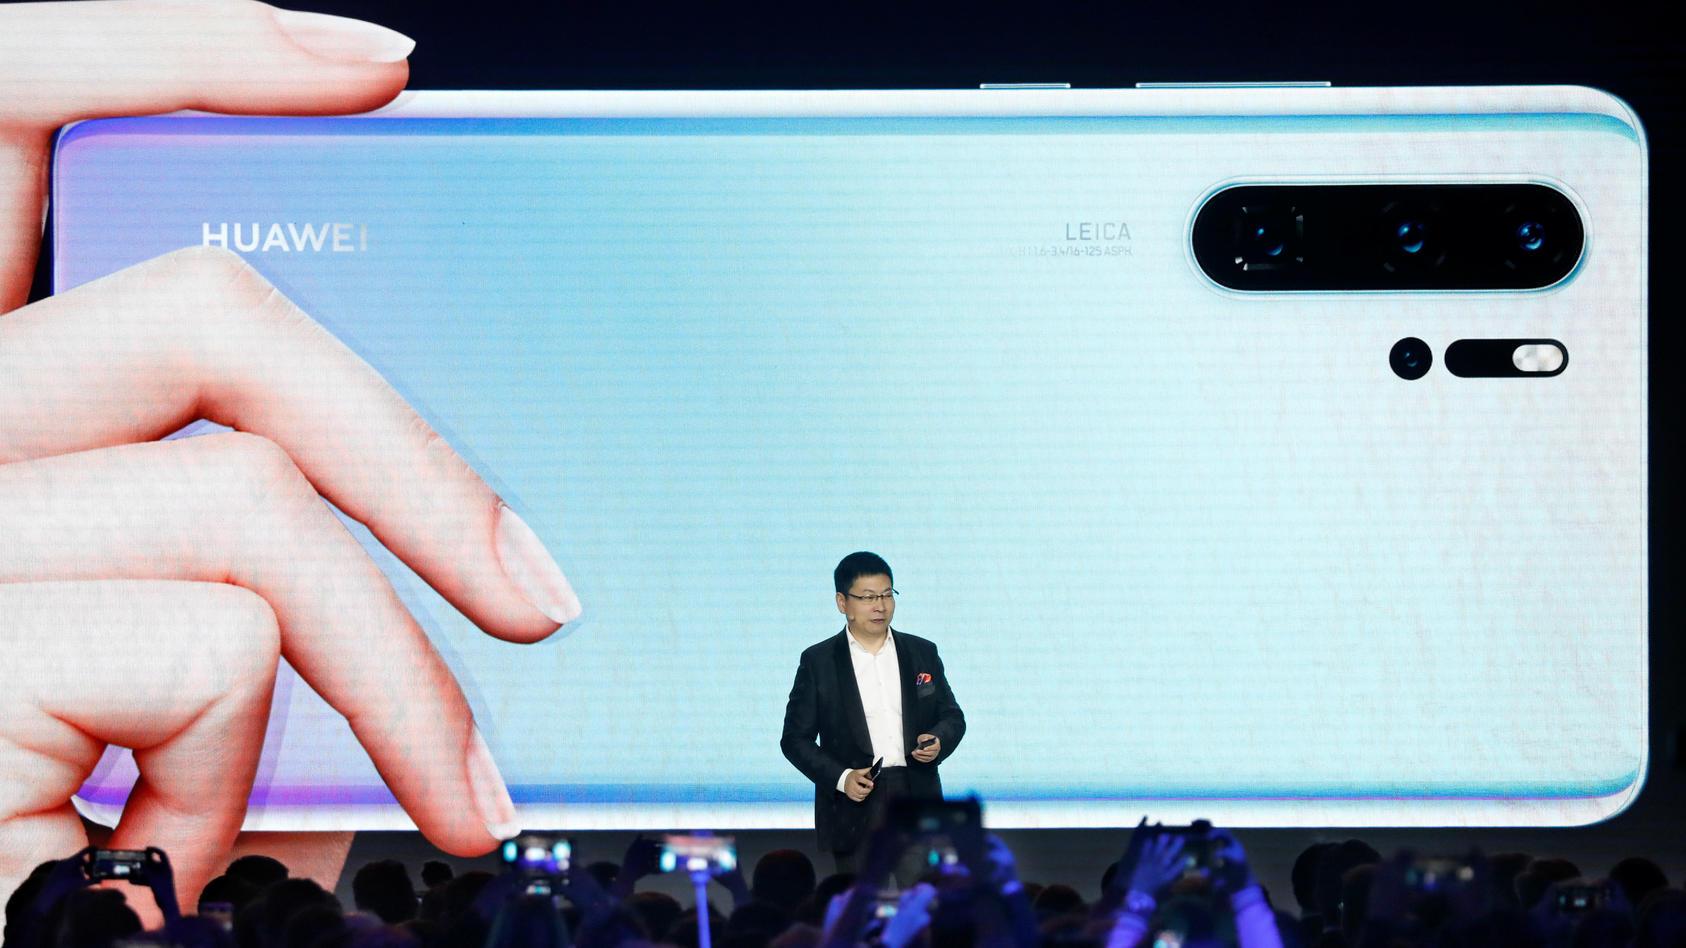 Richard Yu, CEO der Huawei Consumer Business Group, hat in Paris das neue Huawei P30 und P30 Pro vorgestellt. Deutlich zu sehen sind die vier Objektive auf der Rückseite.